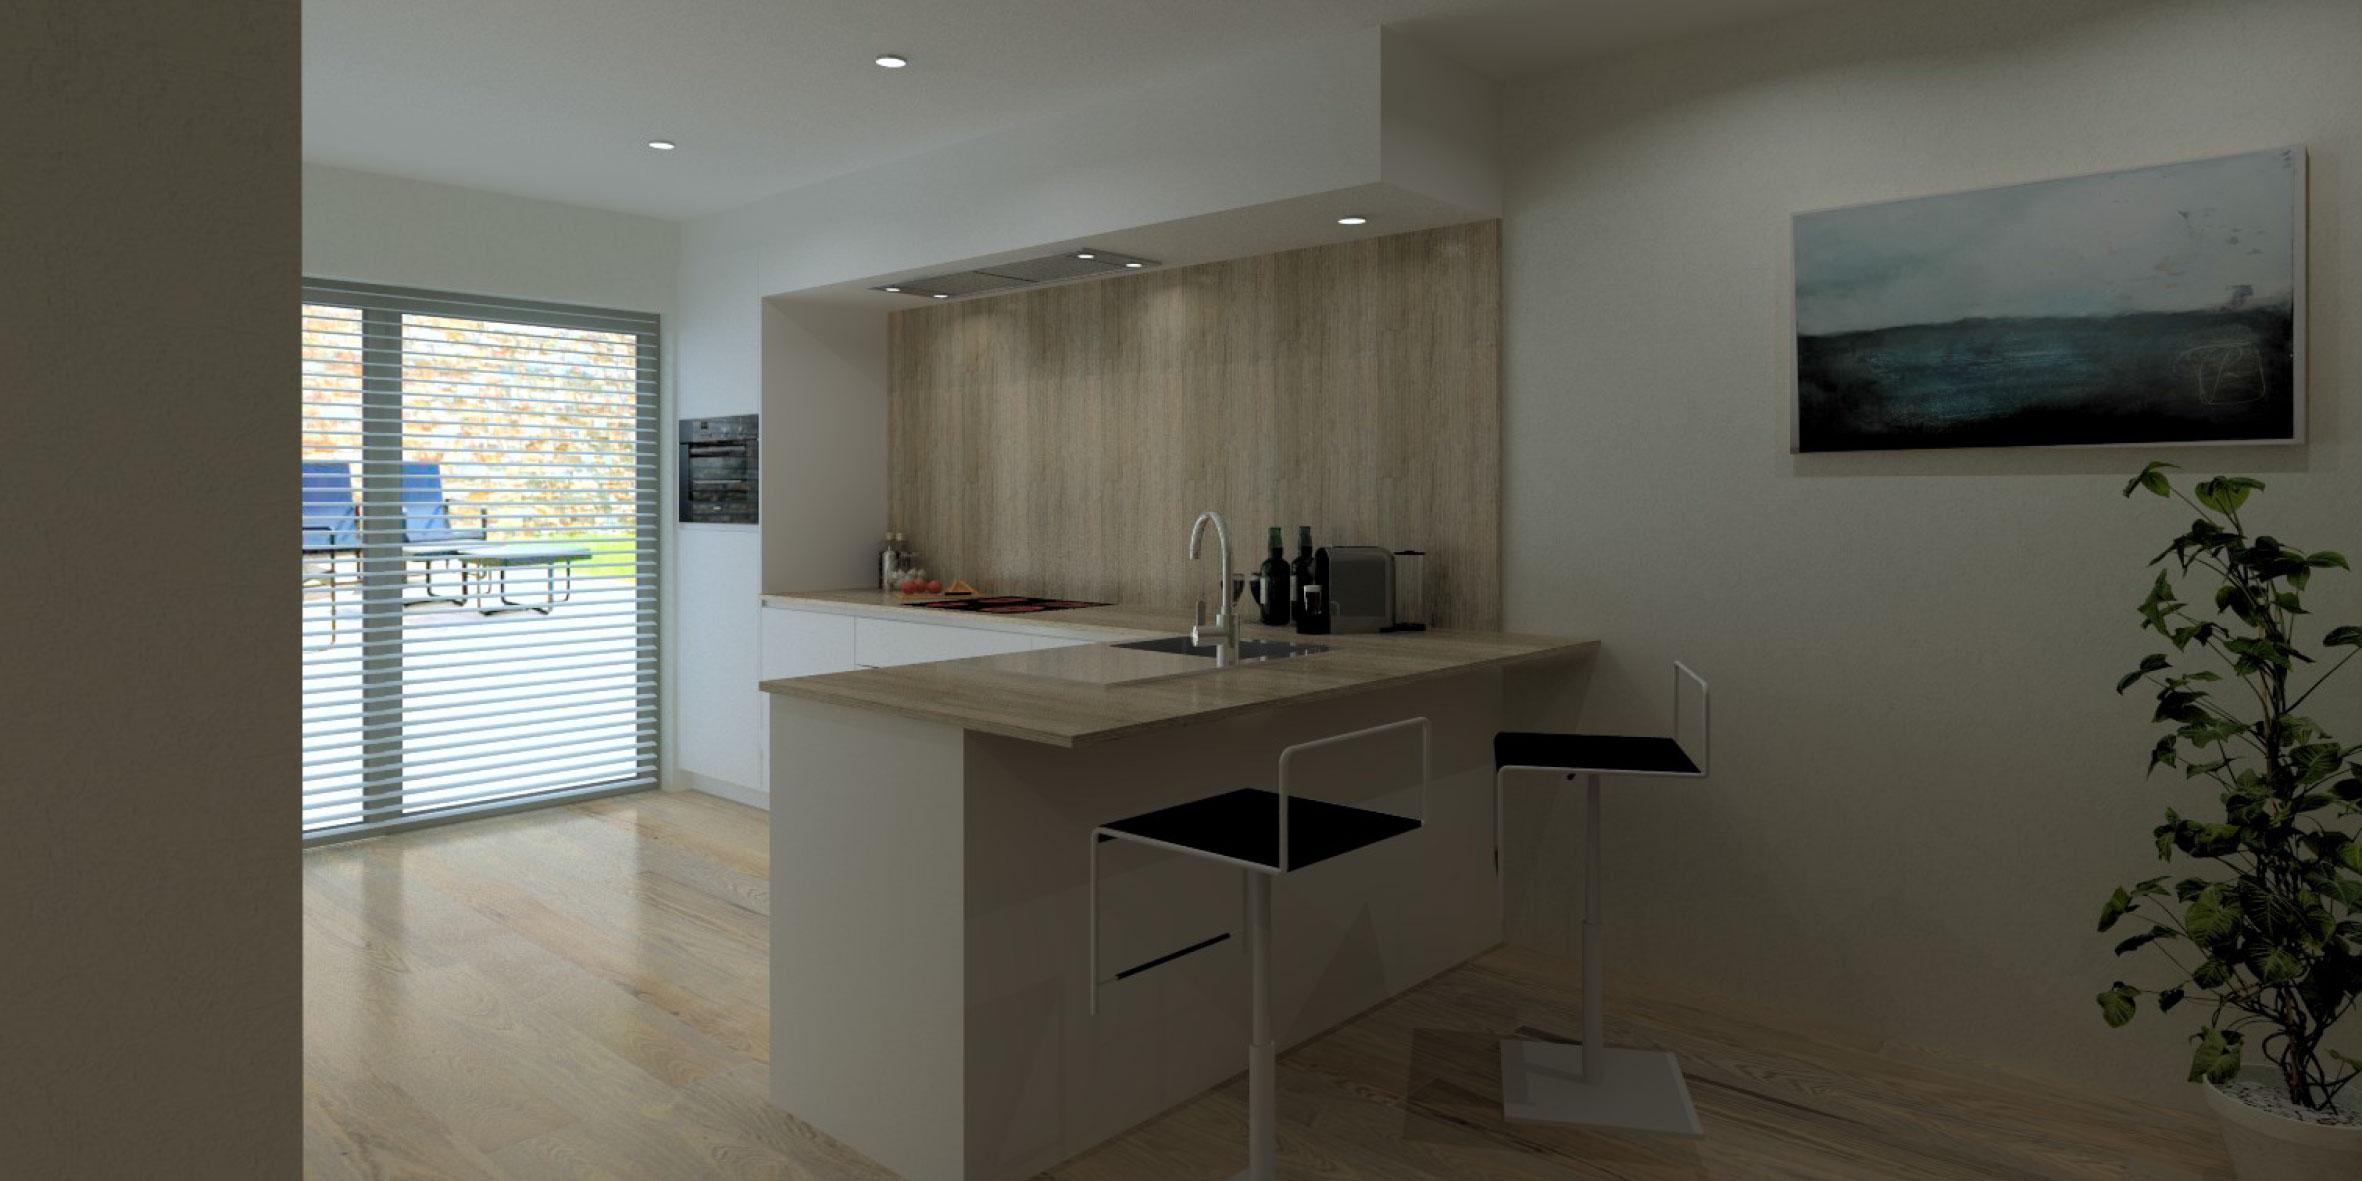 Keuken 66 flex design for Keuken 3d ontwerpen